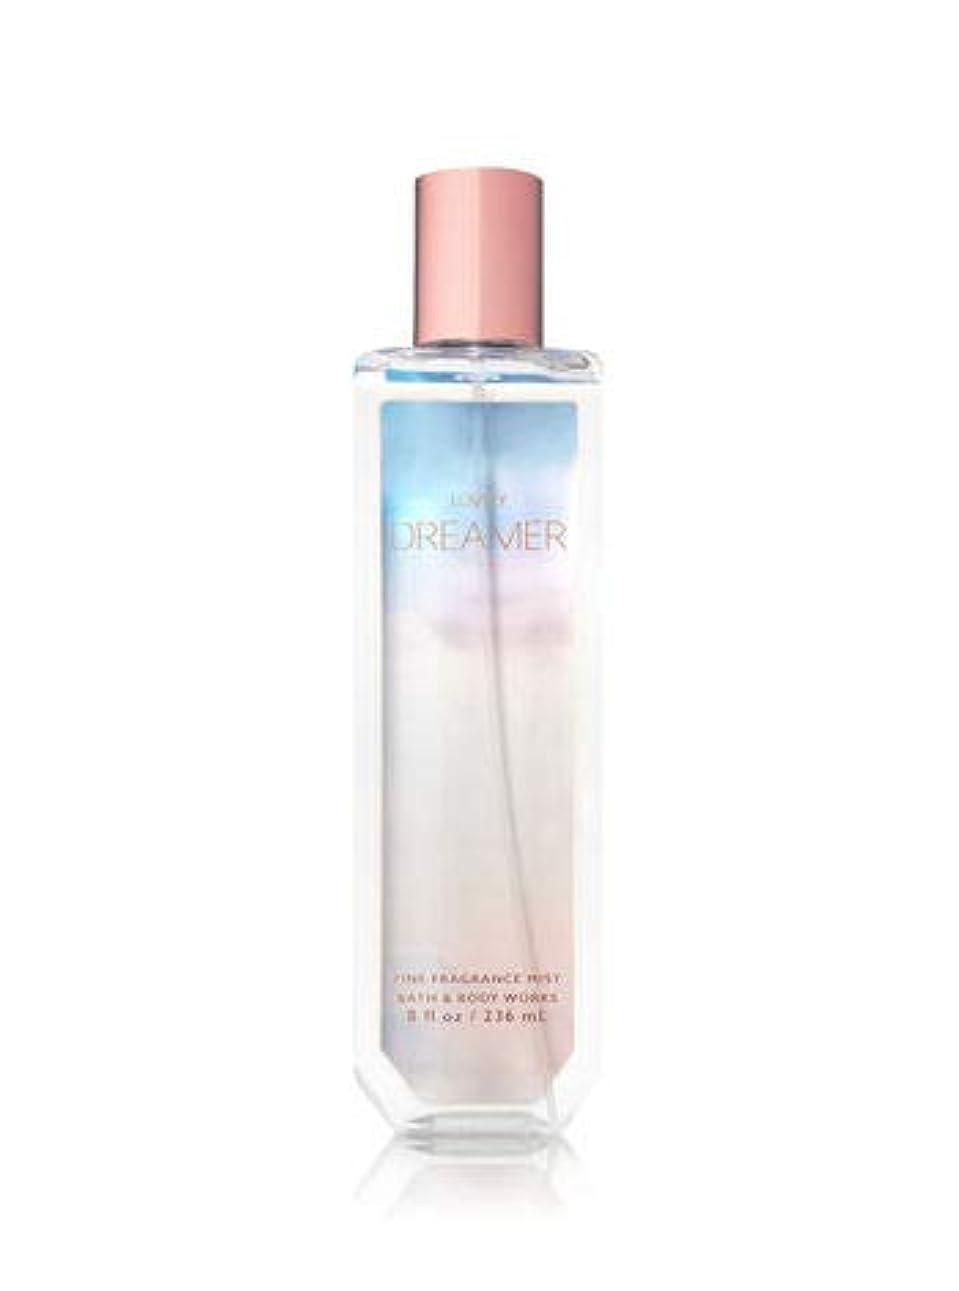 ブロンズブロンズ結び目【Bath&Body Works/バス&ボディワークス】 ファインフレグランスミスト ラブリードリーマー Fine Fragrance Mist Lovely Dreamer 8oz (236ml) [並行輸入品]